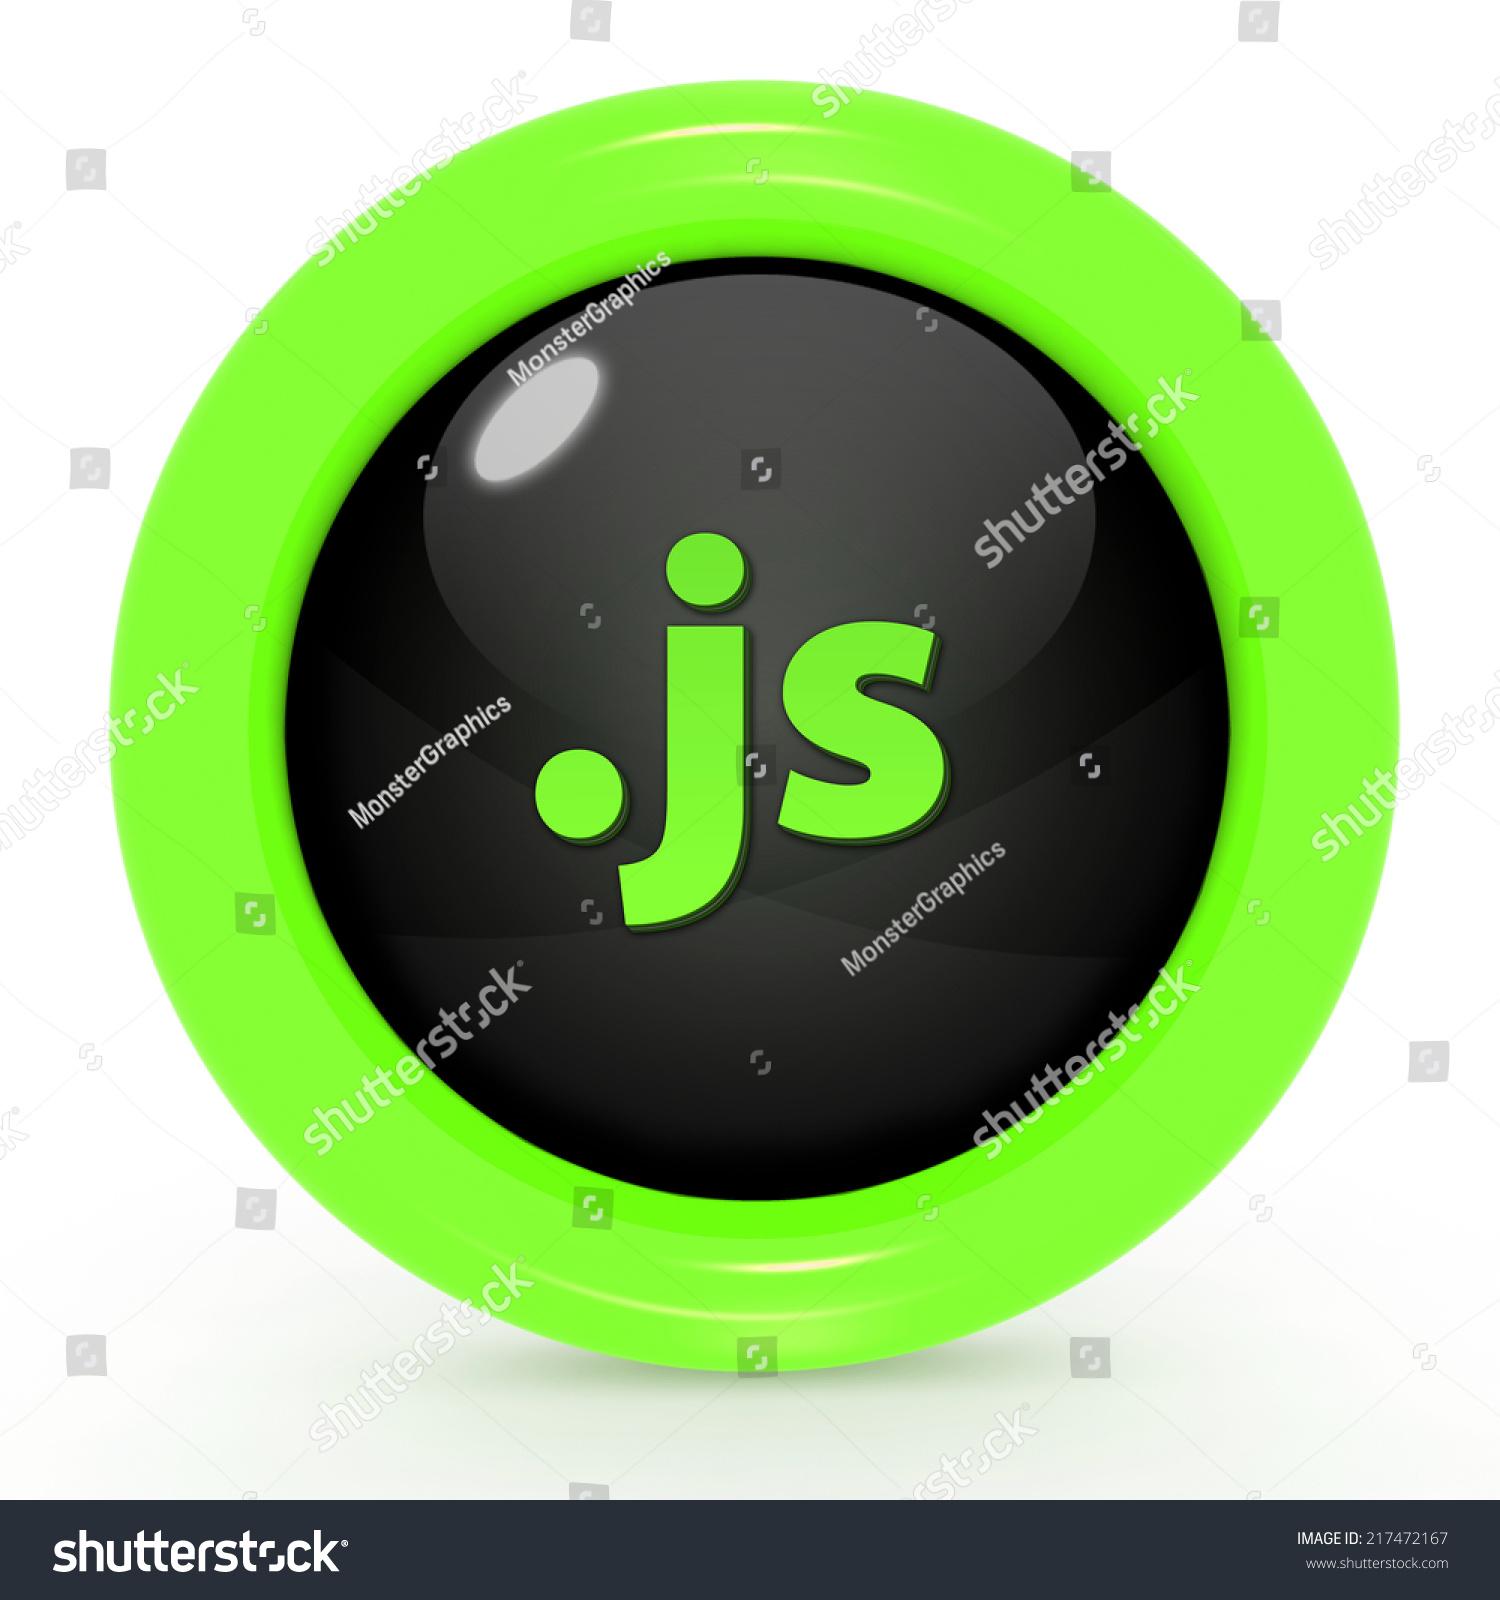 cj圆形图标在白色背景-背景/素材,符号/标志-海洛()